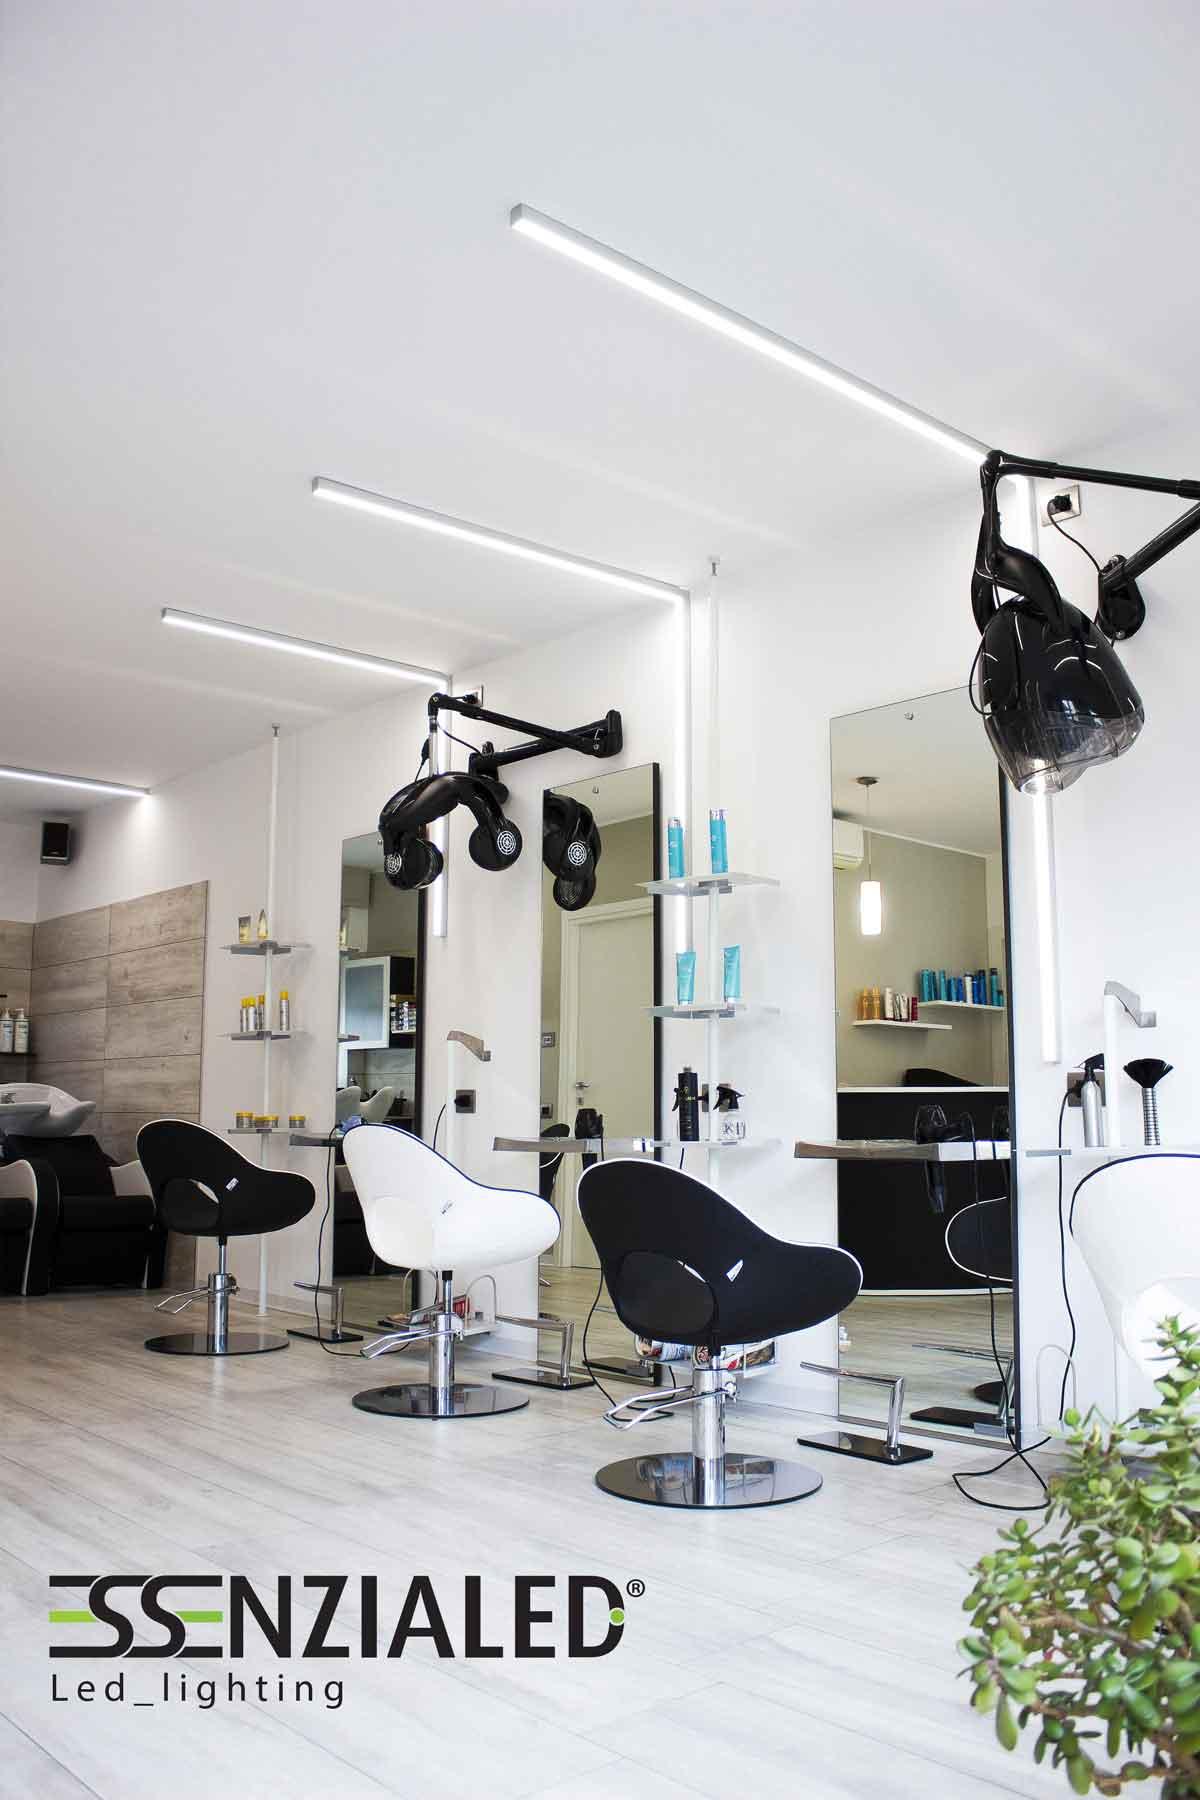 illuminazione-led-parrucchieri-